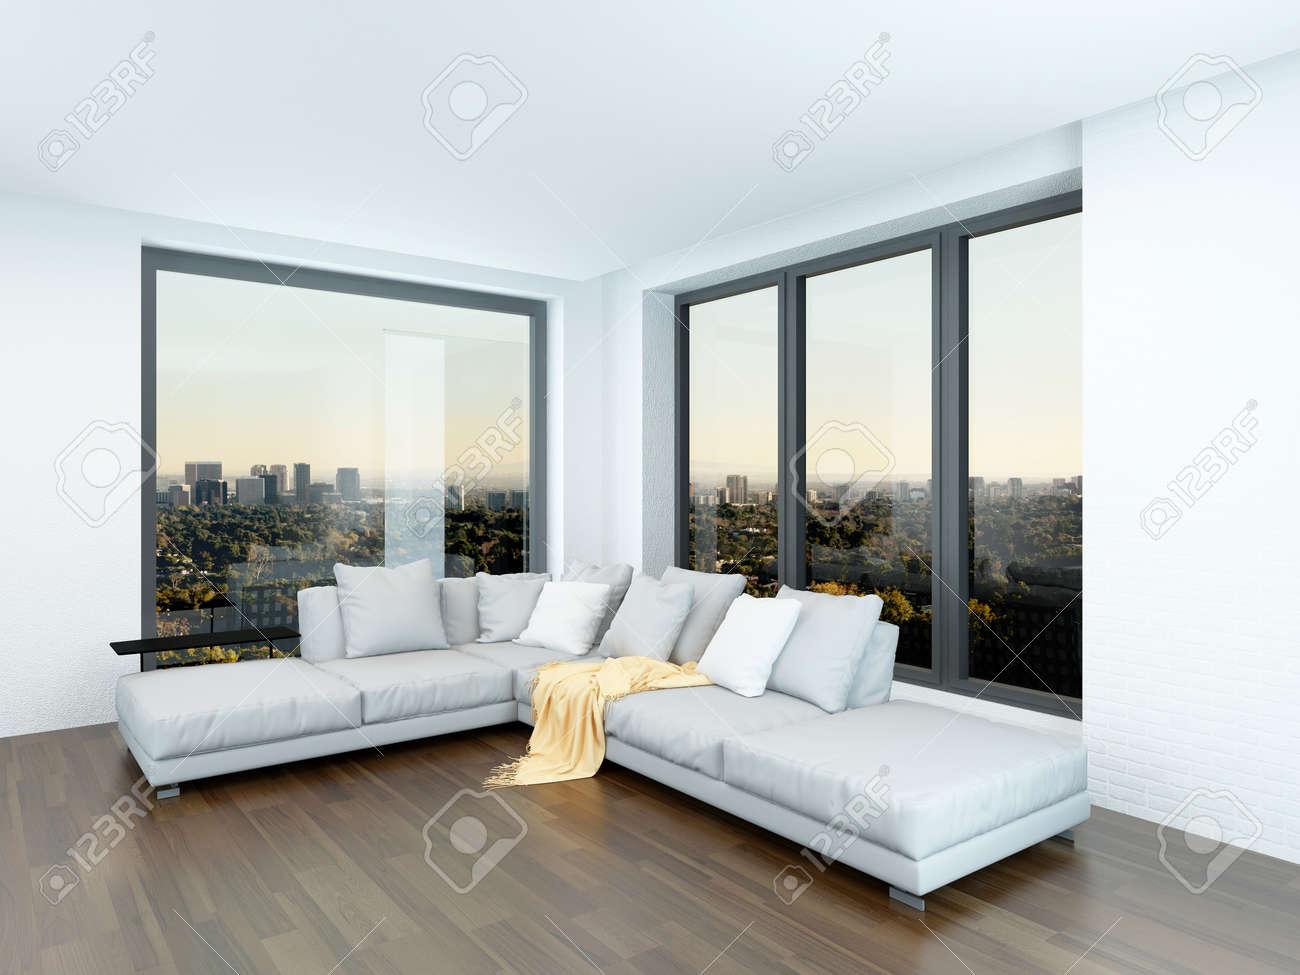 Salotto Moderno Bianco E Grigio : Moderno salotto minimalista interni con una unità dangolo di fronte